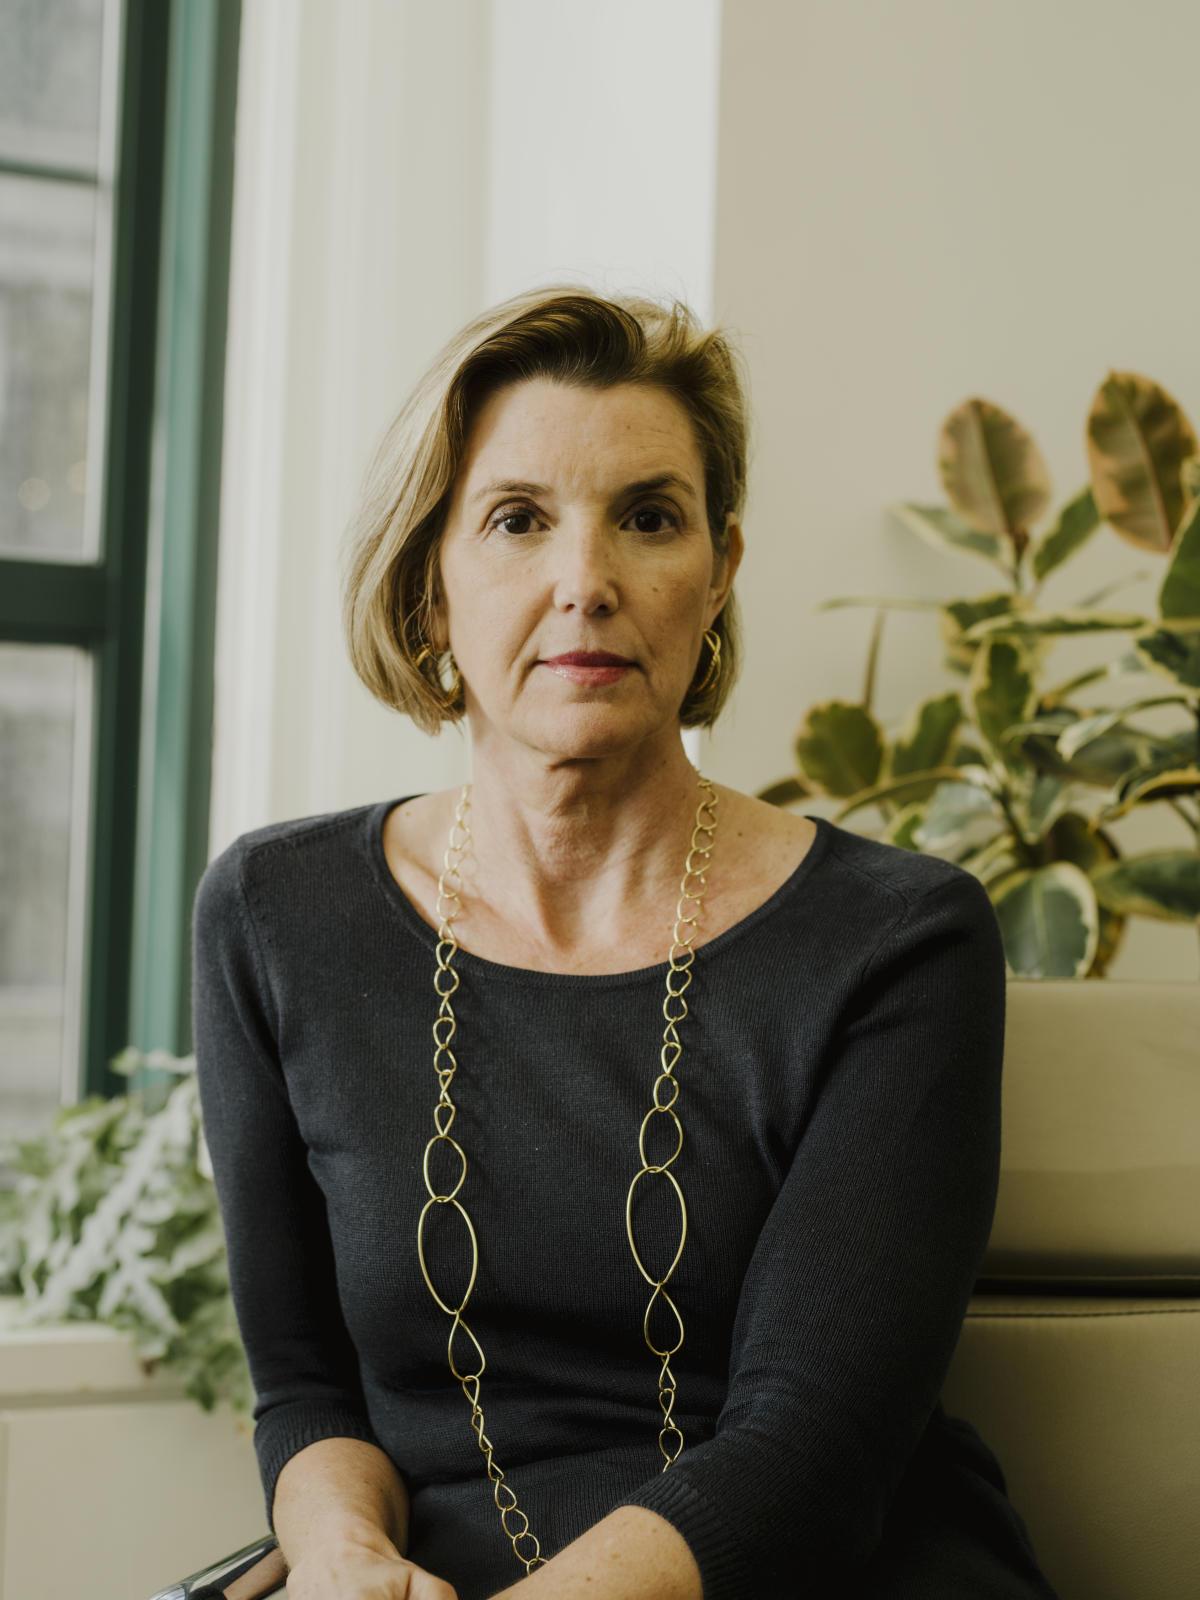 Sallie Krawcheck dans son bureau de Chelsea, à New York, le 8 mai.